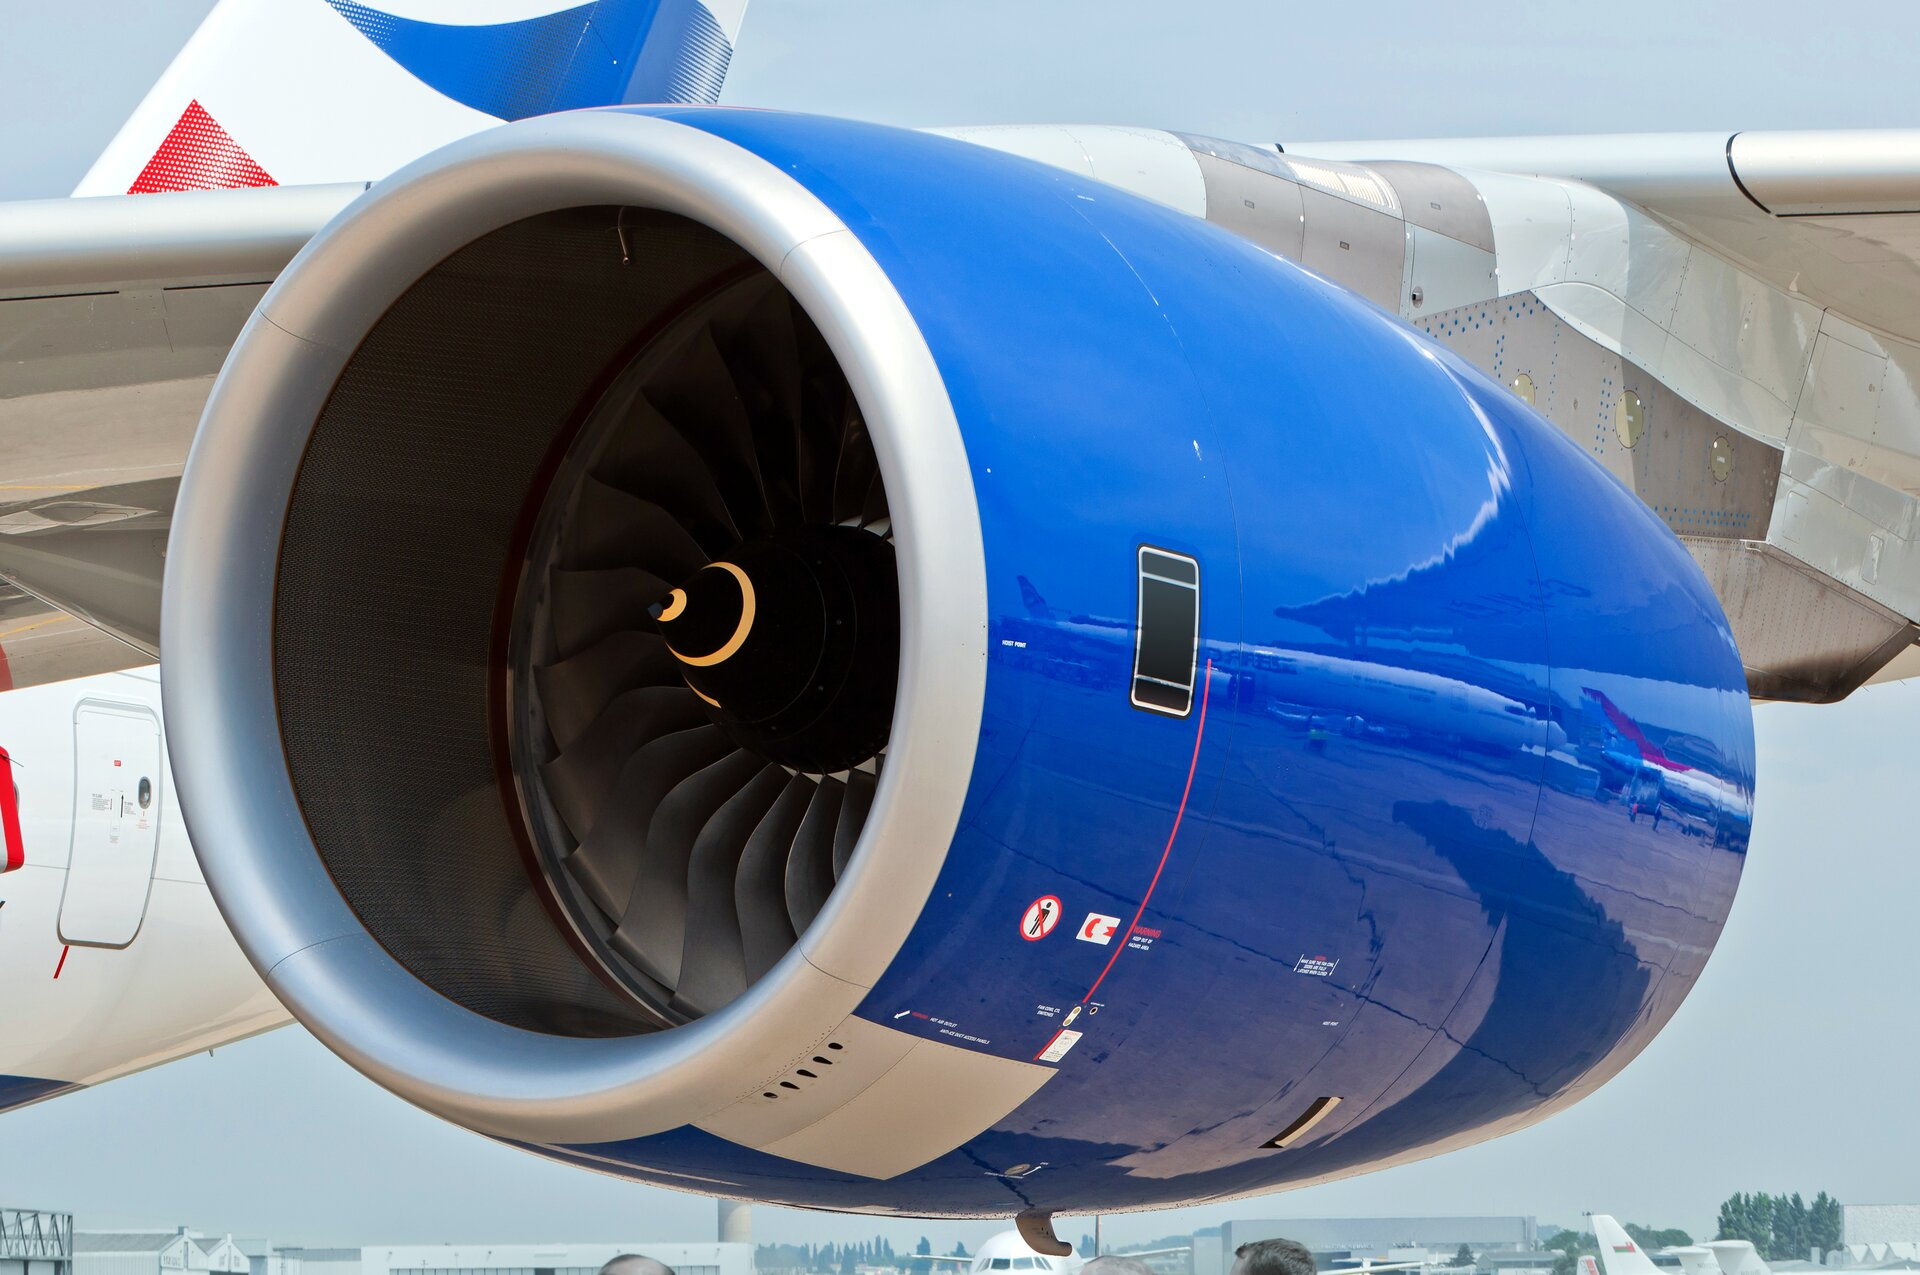 Zdjęcie przedstawia silnik odrzutowy na skrzydle samolotu pasażerskiego. Kadłub pomalowany jest na kolory biały iniebieski, natomiast wnętrze turbiny jest czarne zfantazyjną pomarańczową spiralą na samym czubku osi tak zwanego wentylatora, czyli przedniej obracającej się części.